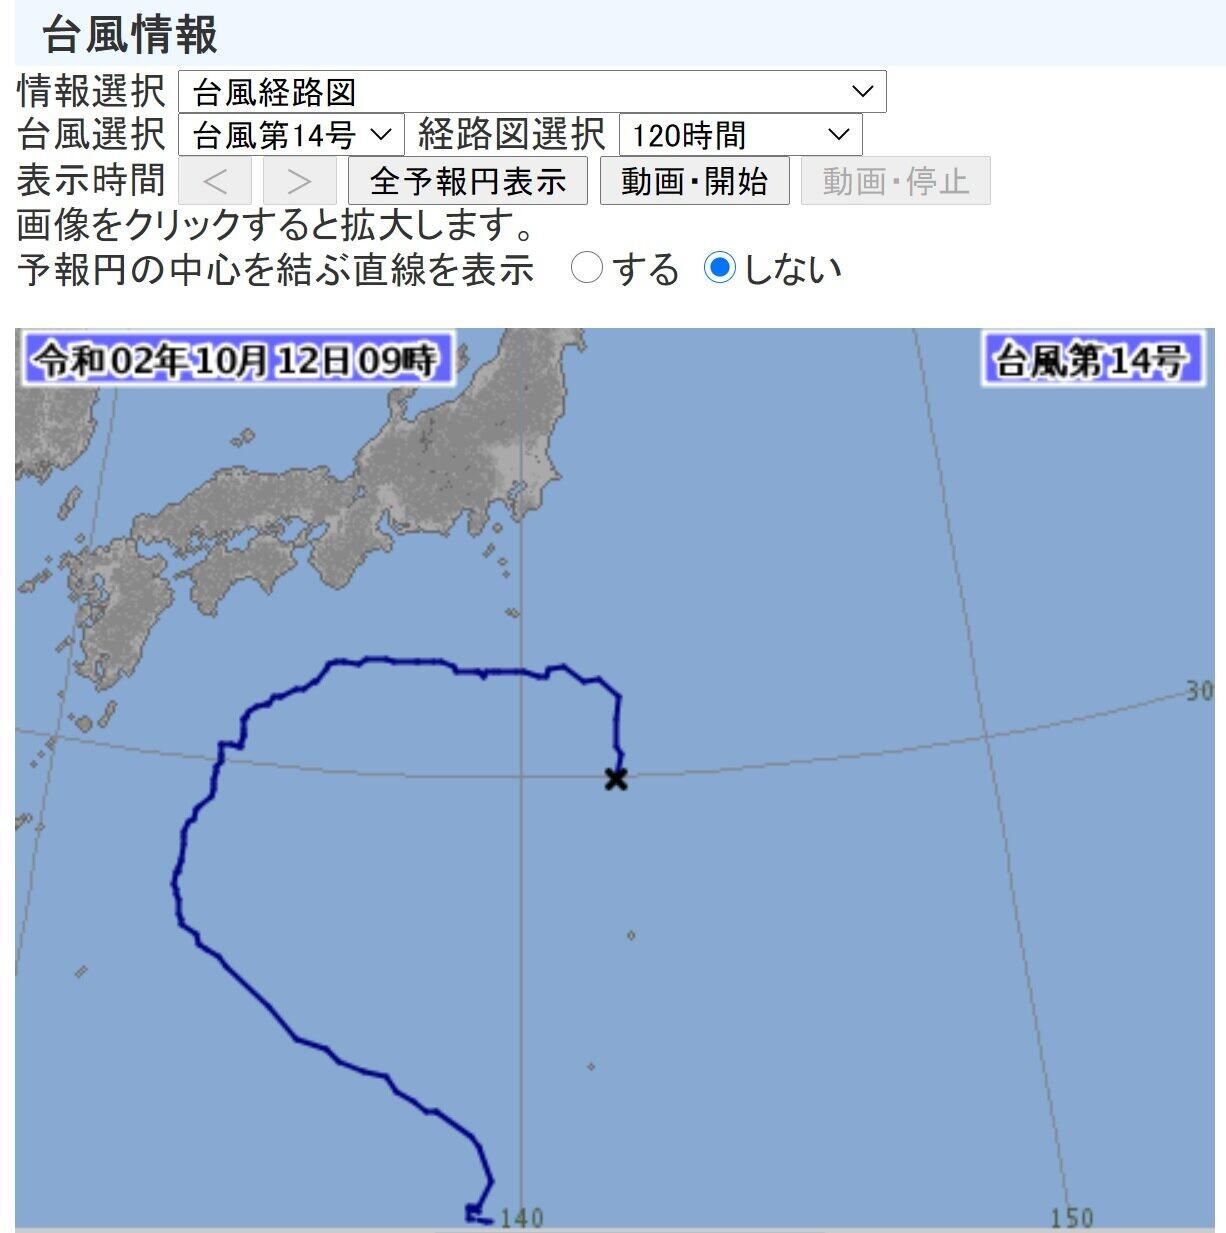 台風14号「Uターン」ヨーロッパでは予測されていた えっ、なんで?気象庁に聞くと...